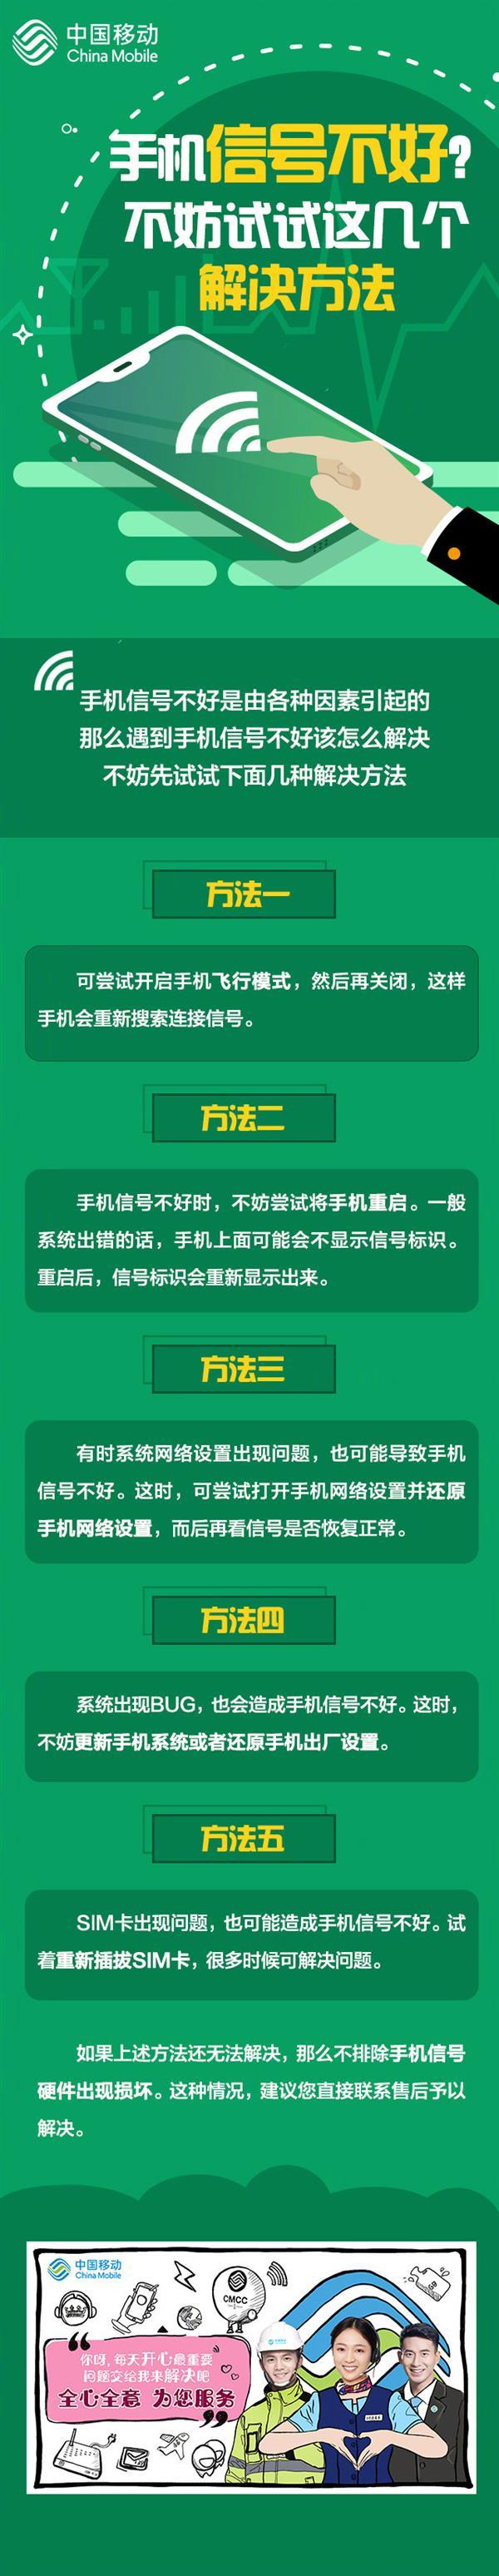 手机信号不好?中国移动官方公布解决办法